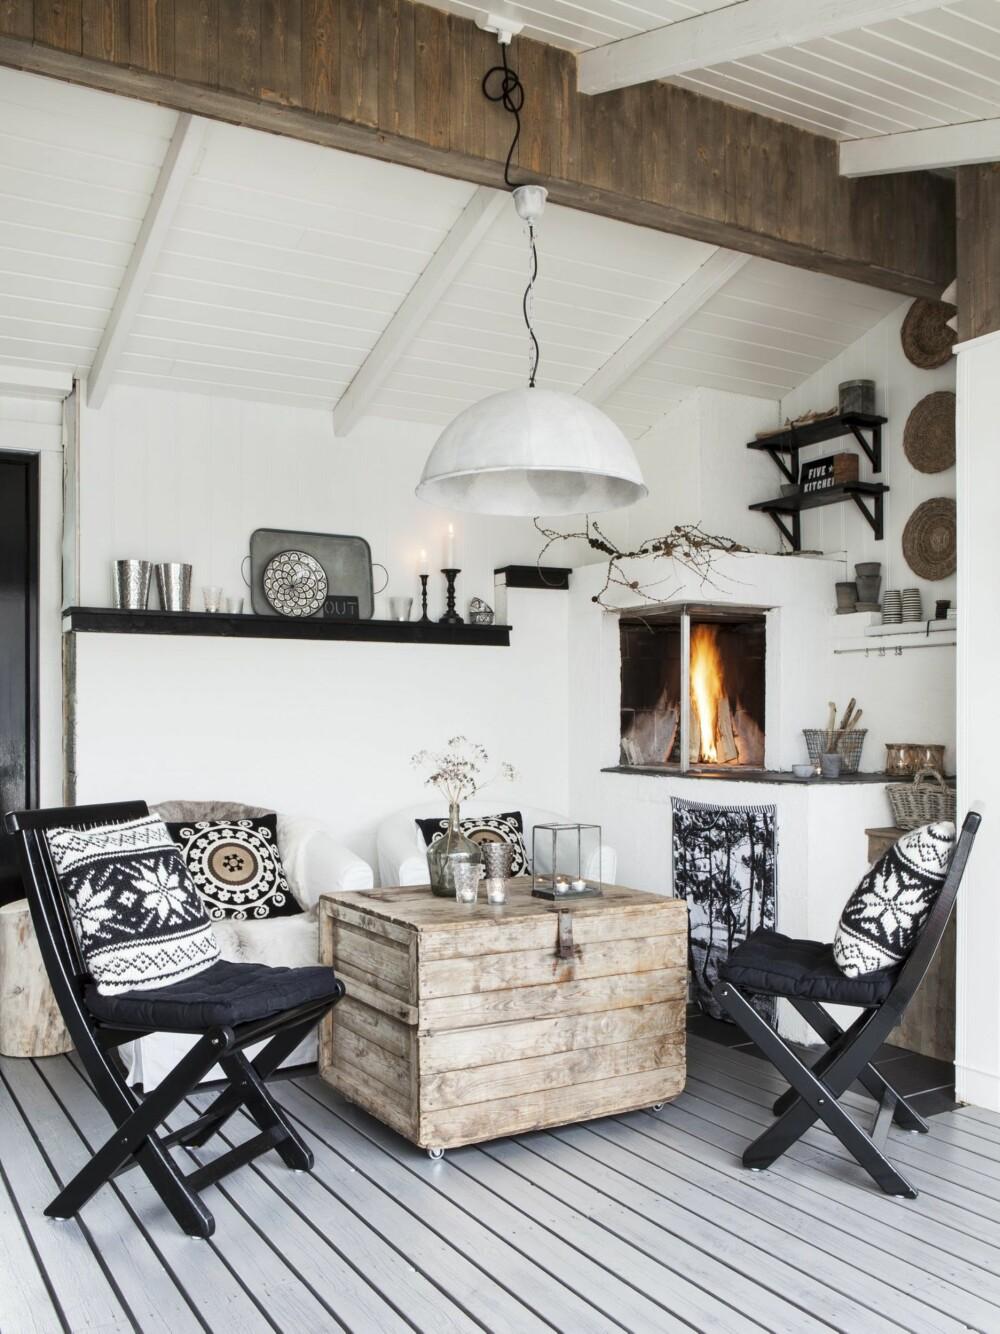 BIT FOR BIT: Elin og Rune har tegnet peisen og fått den bygget av lokale  håndverkere. Gulvet er rett og slett terrassen, vegger og tak har kommet til etterhvert som utestuen forvandlet seg fra levegg til et helt hus.